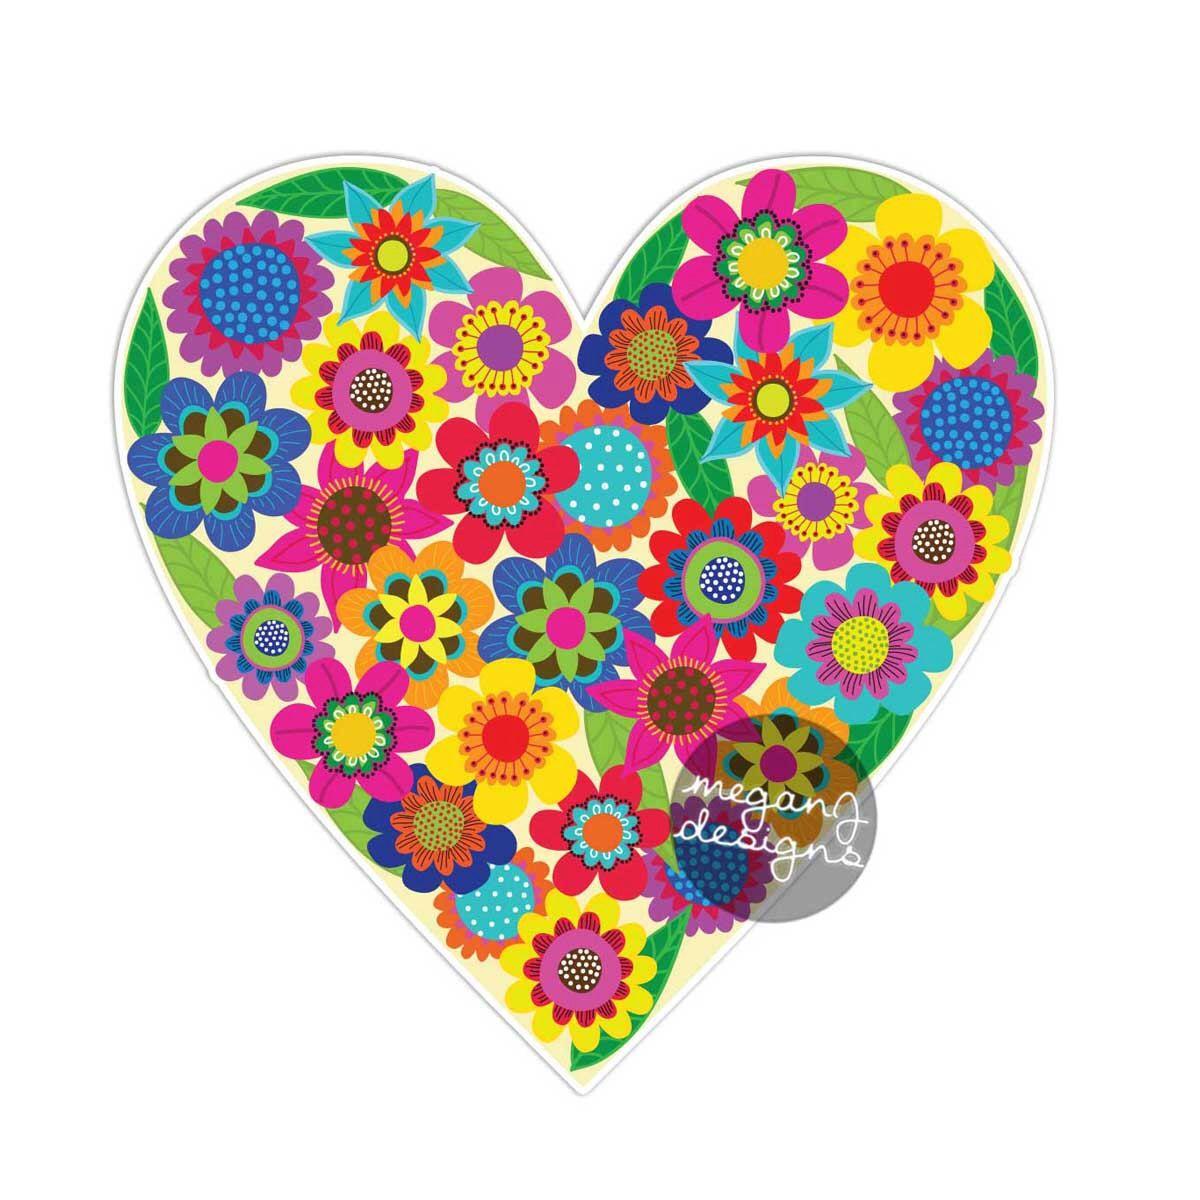 Flower Heart Sticker Colorful Floral Car Decal Laptop Decal Vinyl Bumper Sticker Hippie Heart Love Wall Decal Cute Car Sticker Boho Art Ideias [ 1200 x 1200 Pixel ]